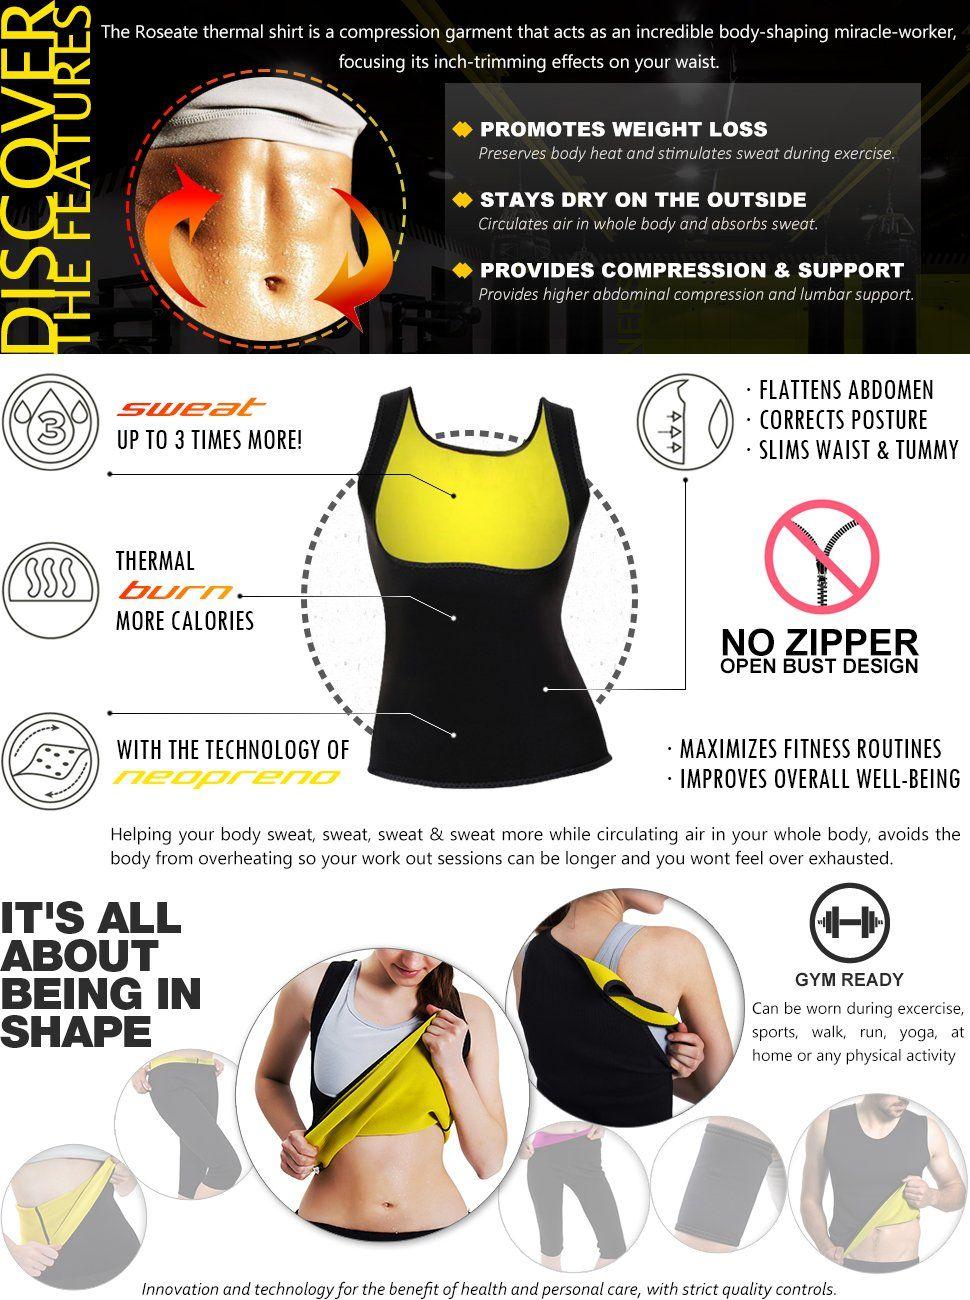 eebb90ad46 Roseate Women s Body Shaper Hot Sweat Workout Tank Top Slimming Vest Tummy  Fat Burner Neoprene Shapewear for Weight Loss